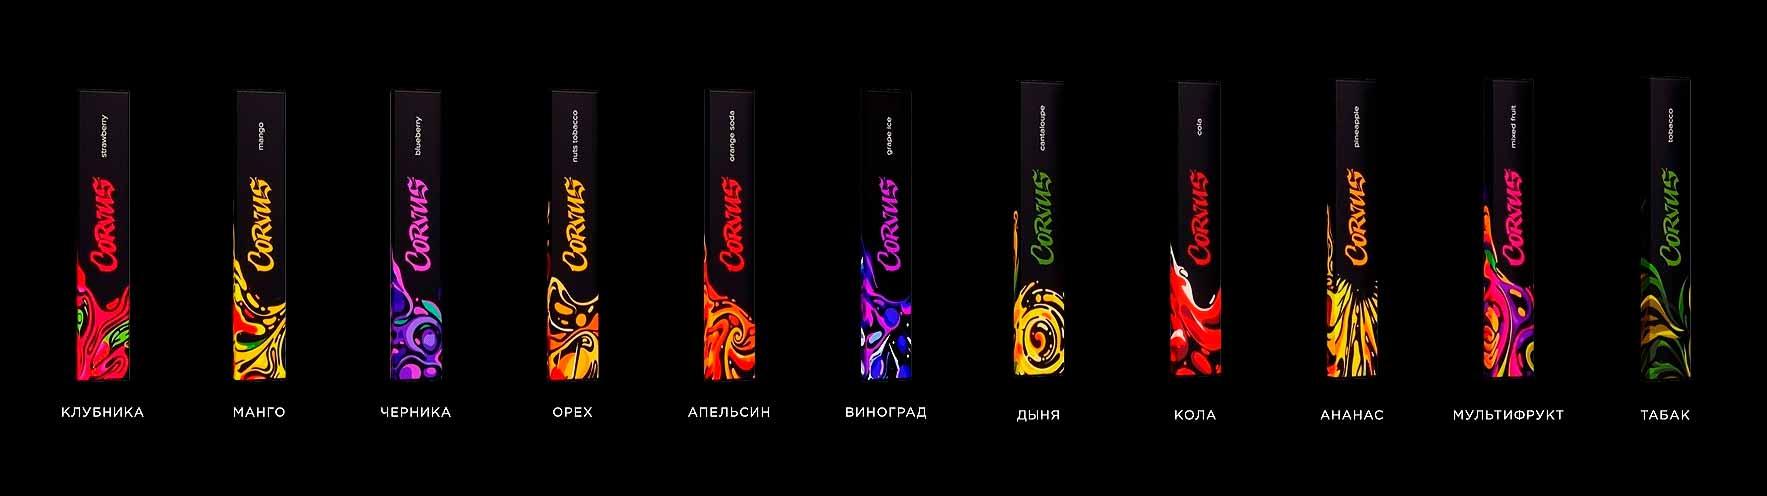 Как зарядить corvus одноразовую электронную сигарету нарушение рекламы табачных изделий